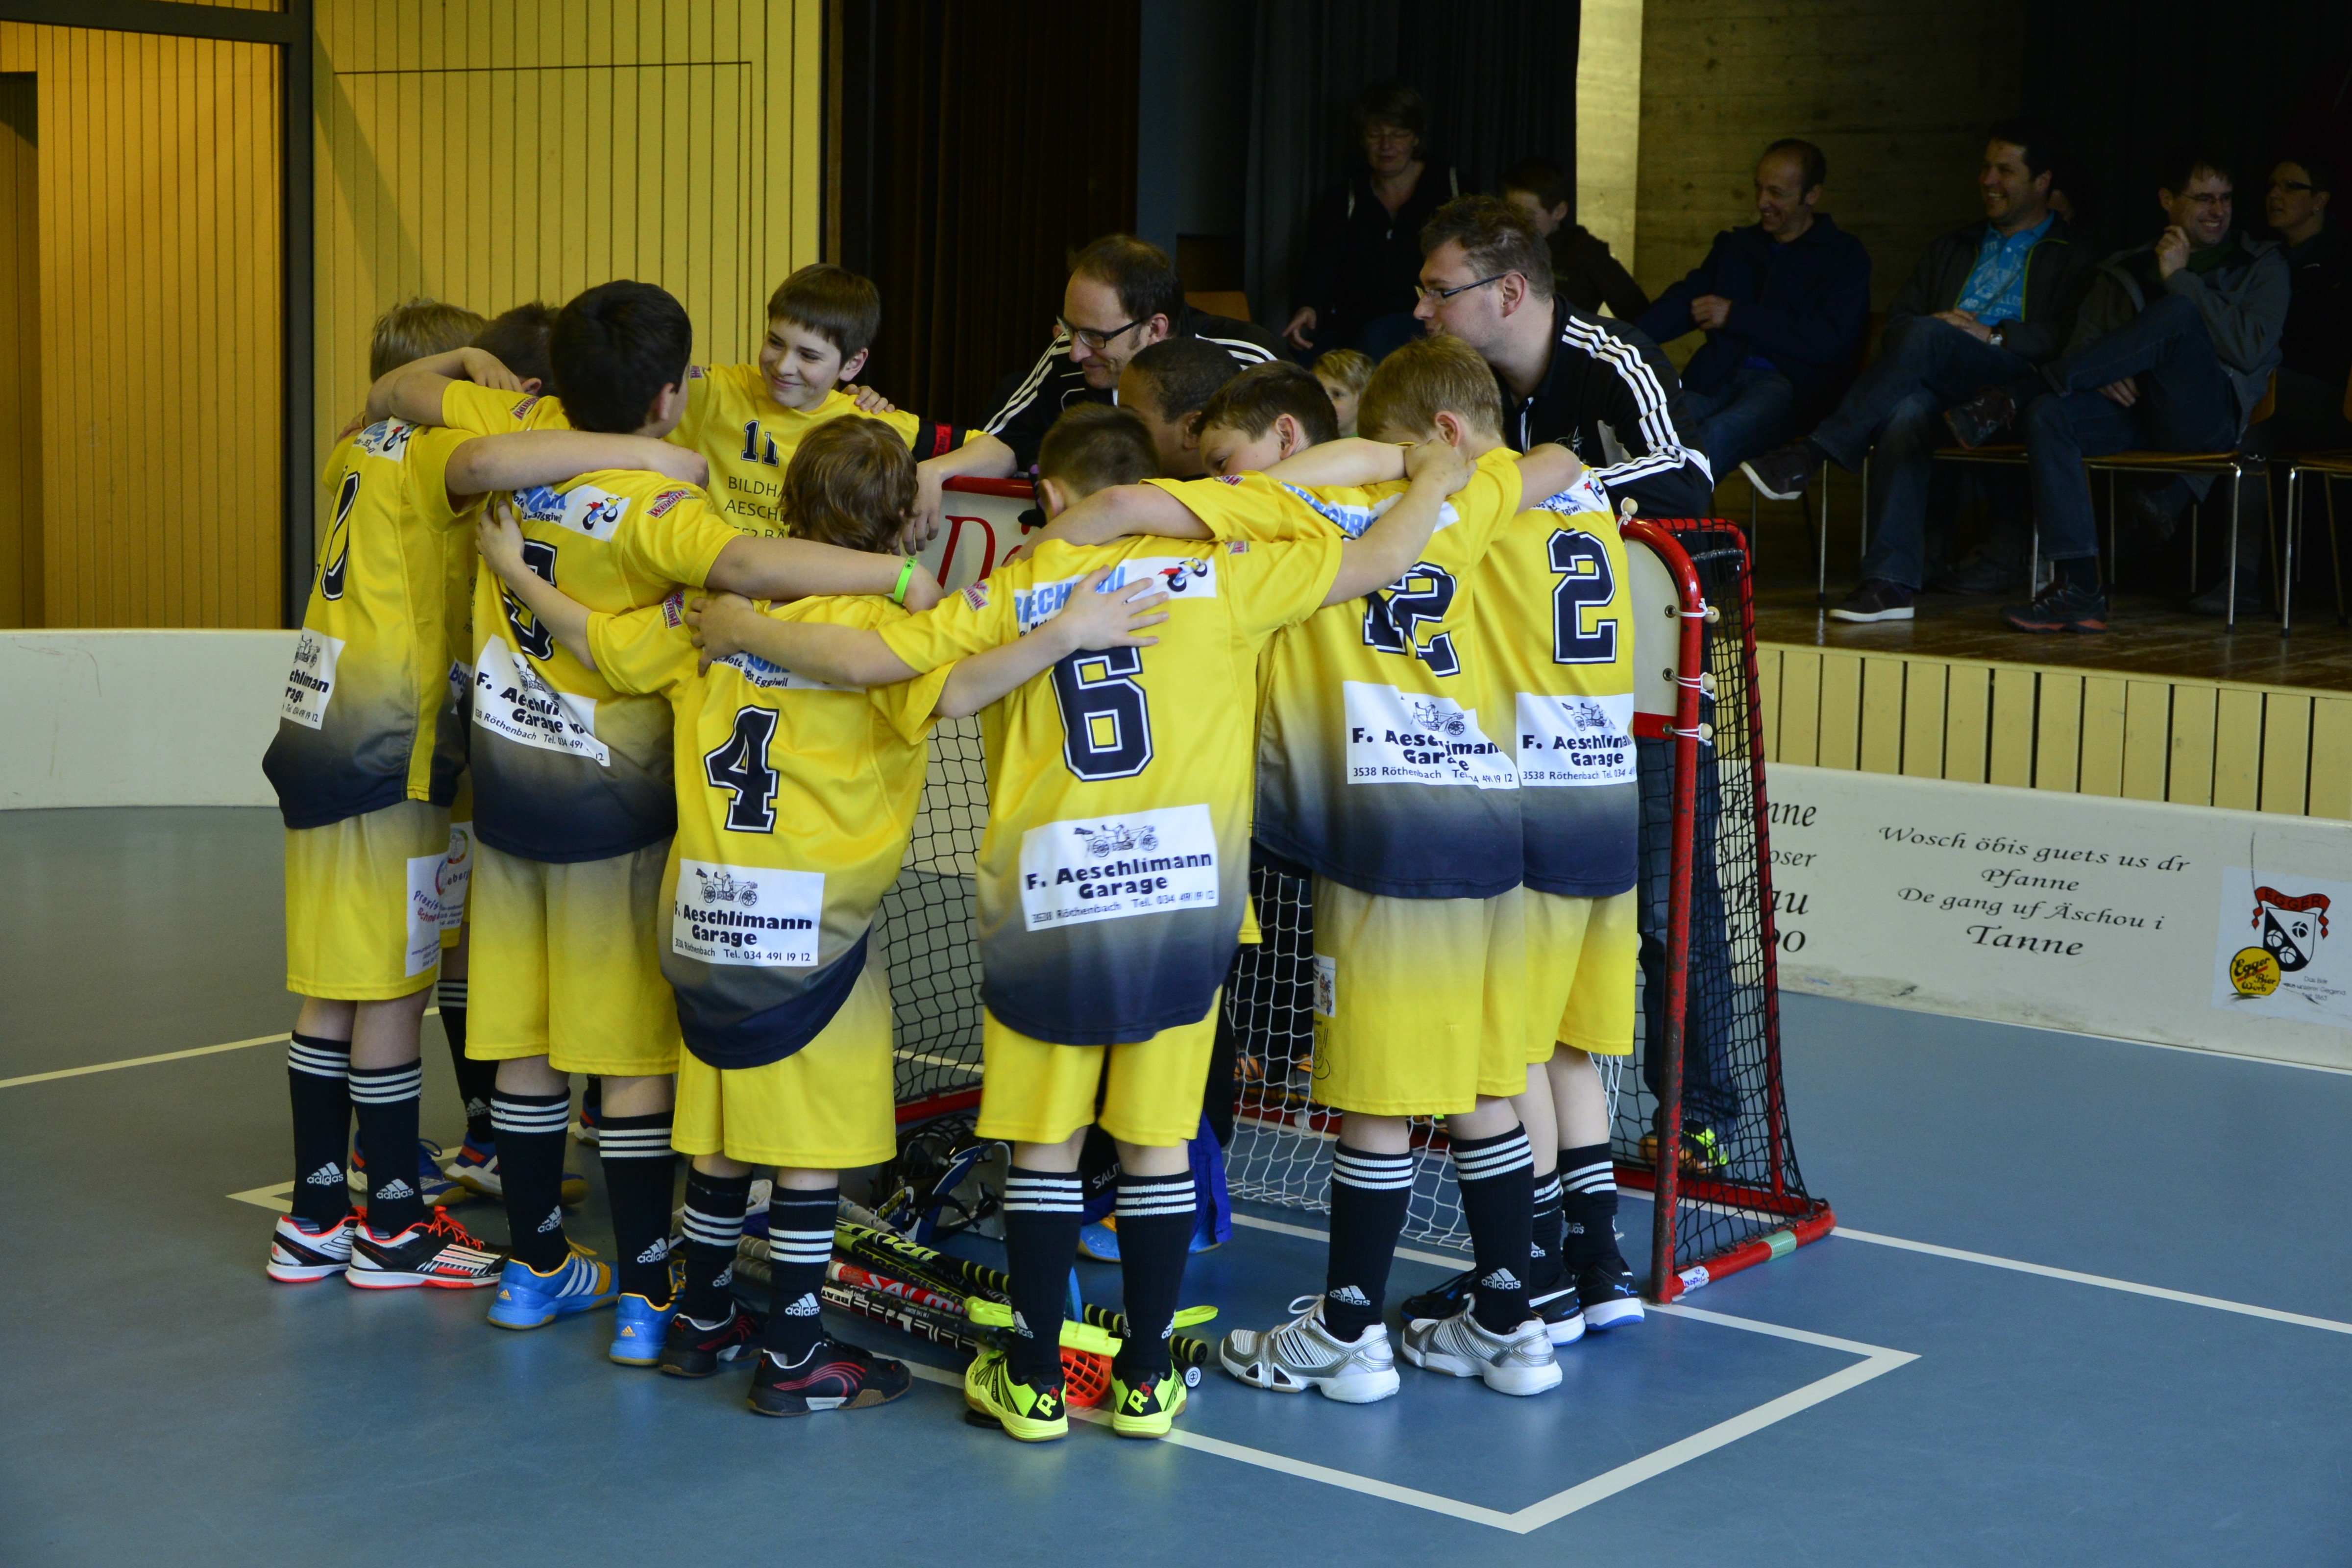 Junioren D I & II - Ämme-Valley Saison 2014/15